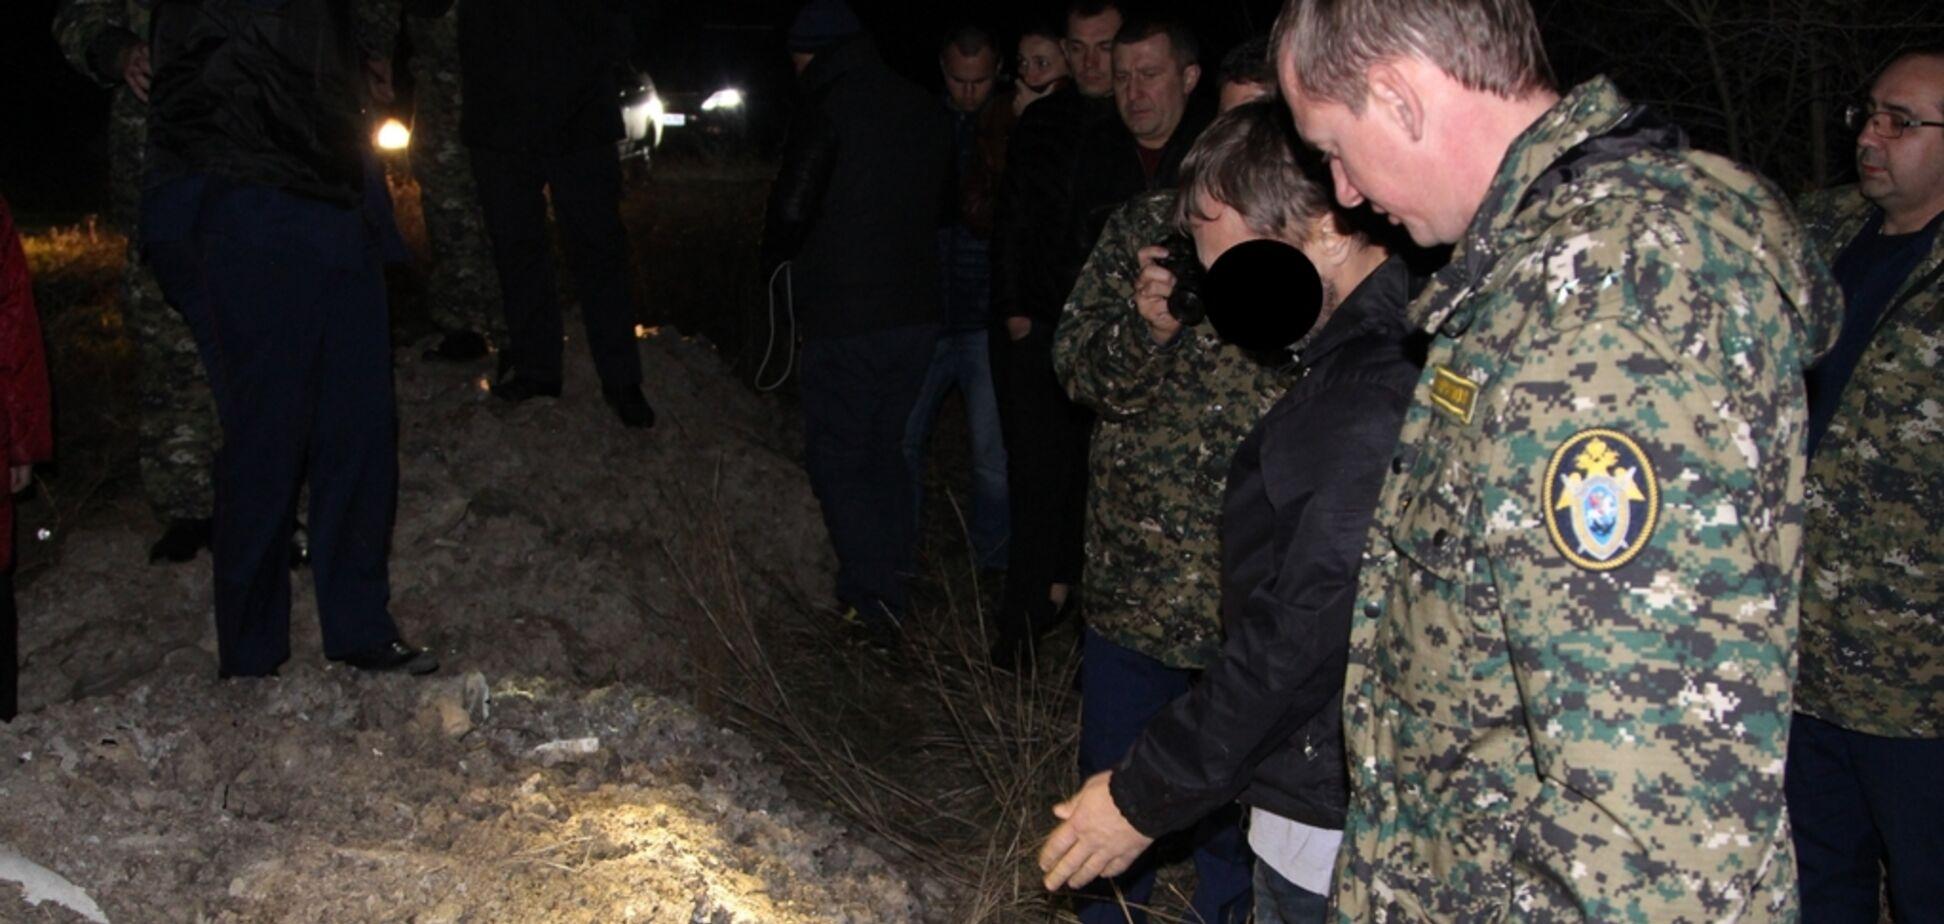 Прикопав землею: зниклу в Криму п'ятирічну дівчинку знайшли мертвою. Фото